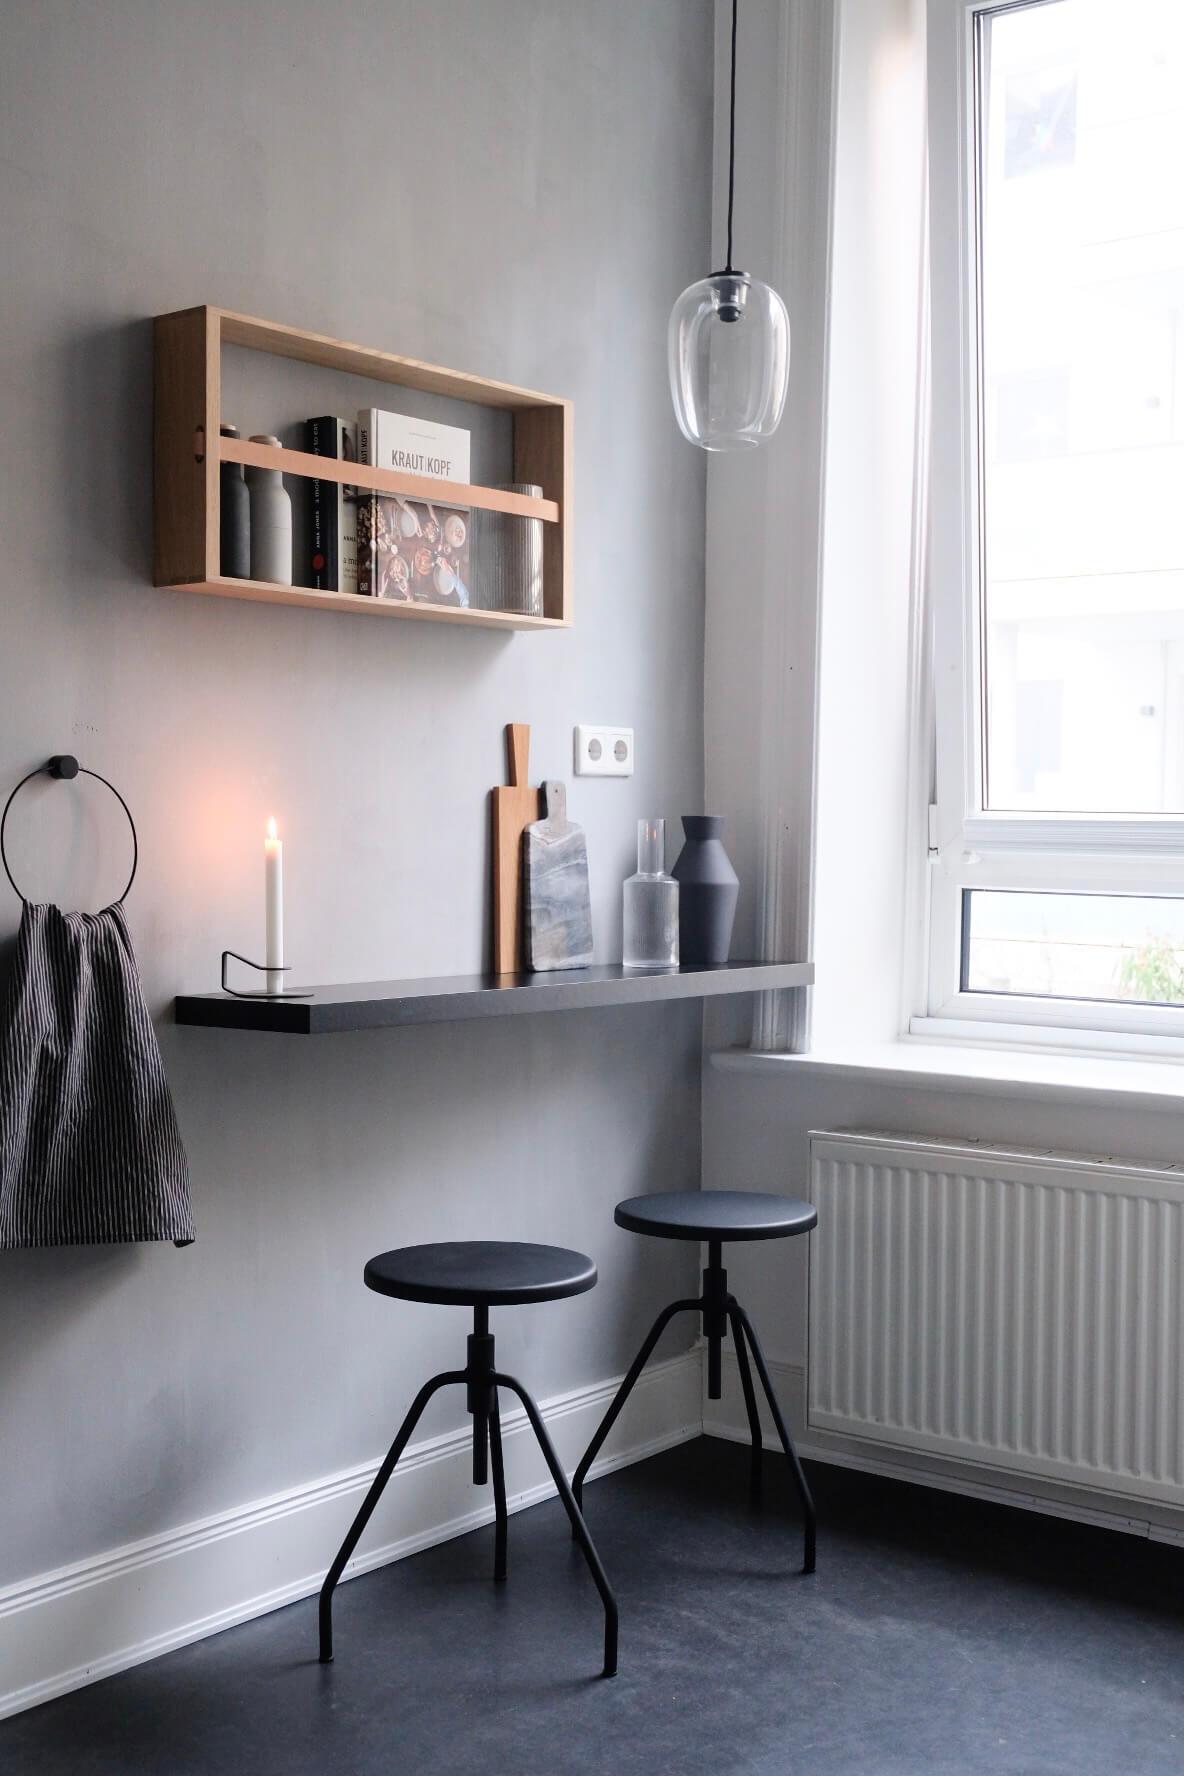 Mein Küchen Makeover mit Kalklitir!   wohn.glück - interior ...